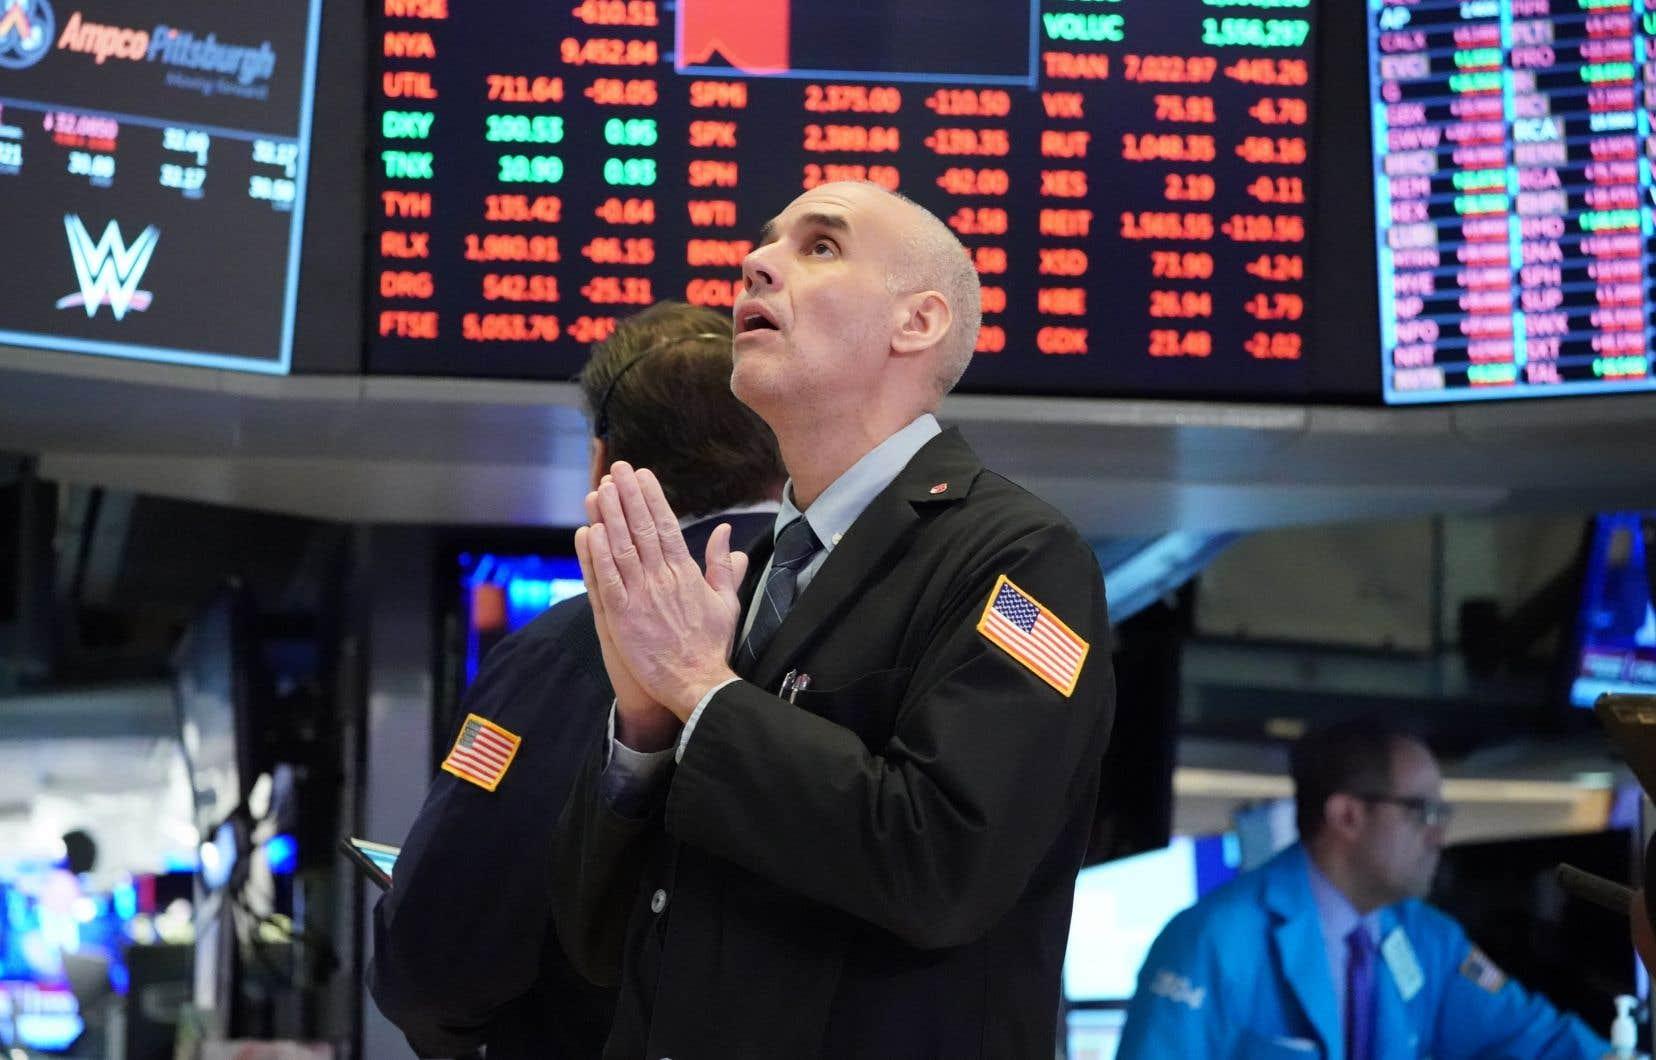 La Bourse de New York a terminé en hausse jeudi à l'issue d'une séance en dents de scie, rebondissant au lendemain d'une nouvelle journée difficile.